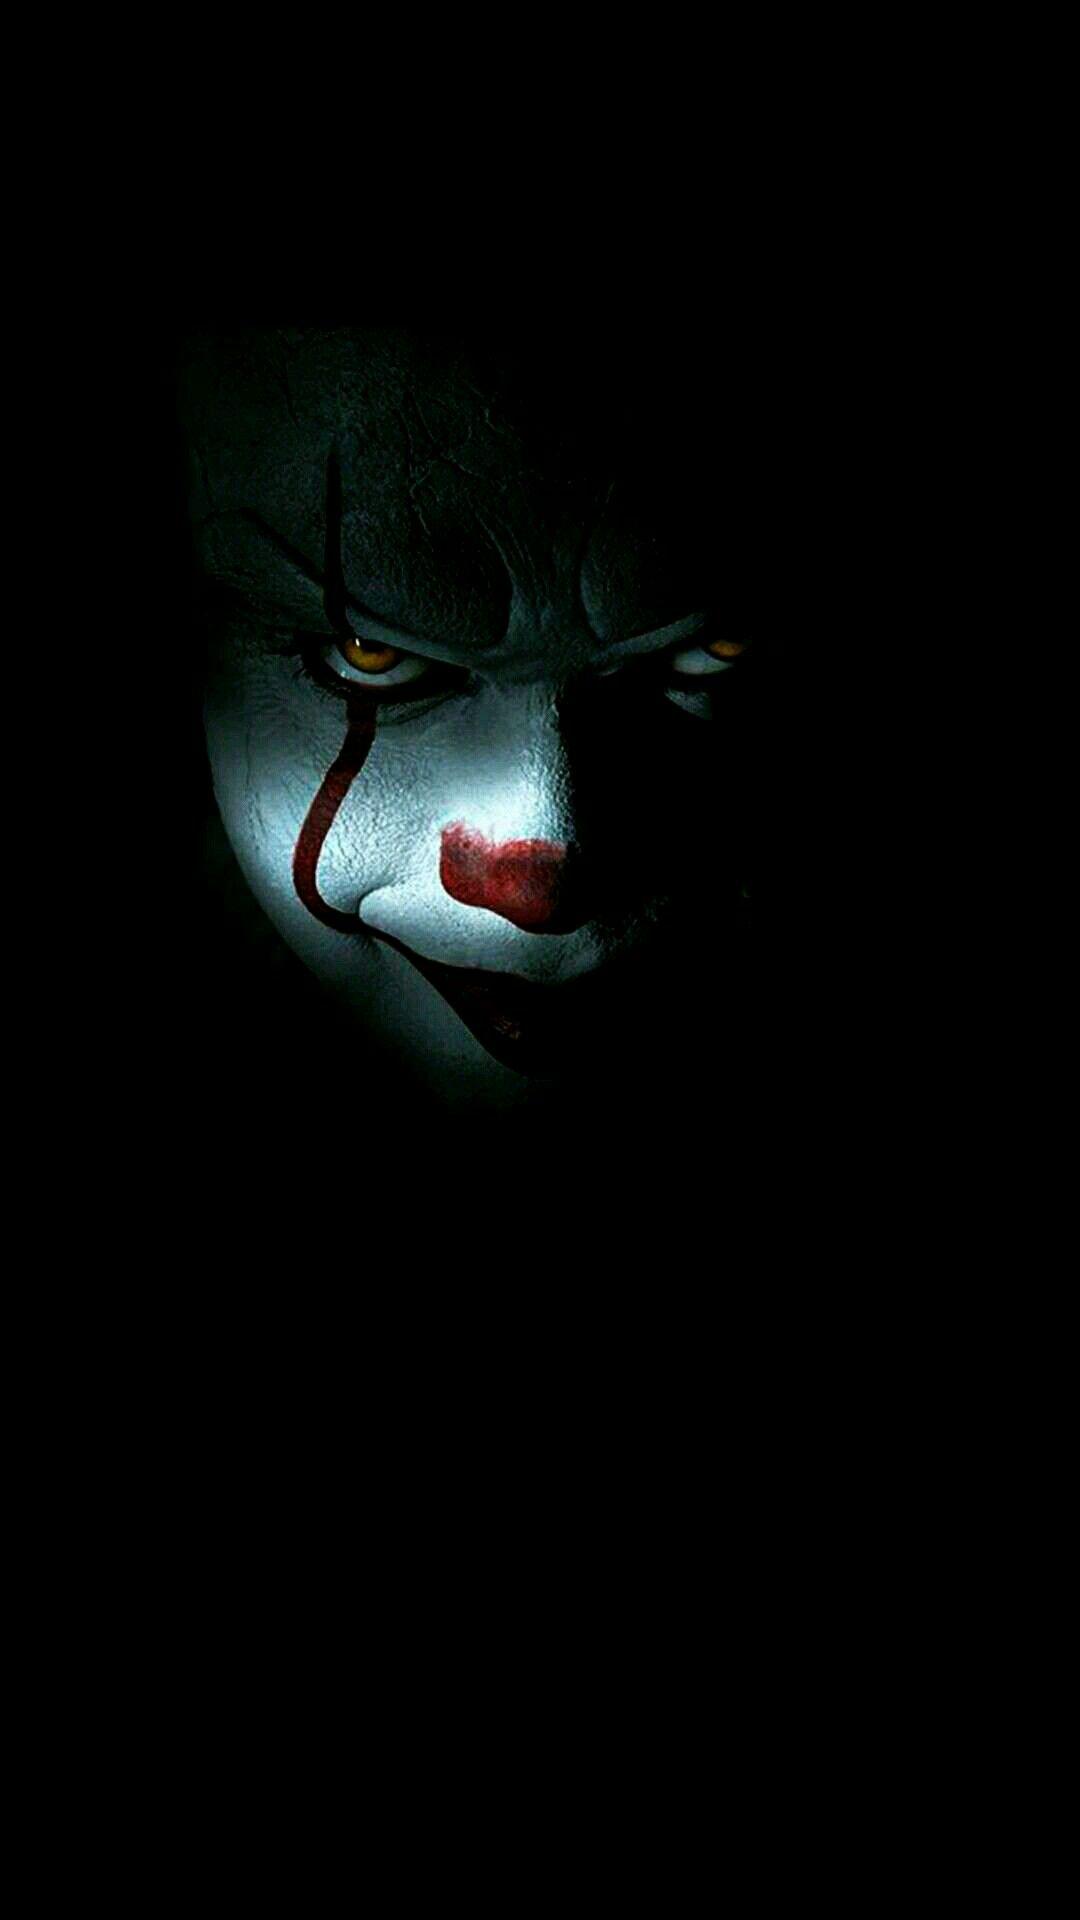 Fond Ecran Fond Ecran Halloween Fond D Ecran Telephone Fond D Ecran Film